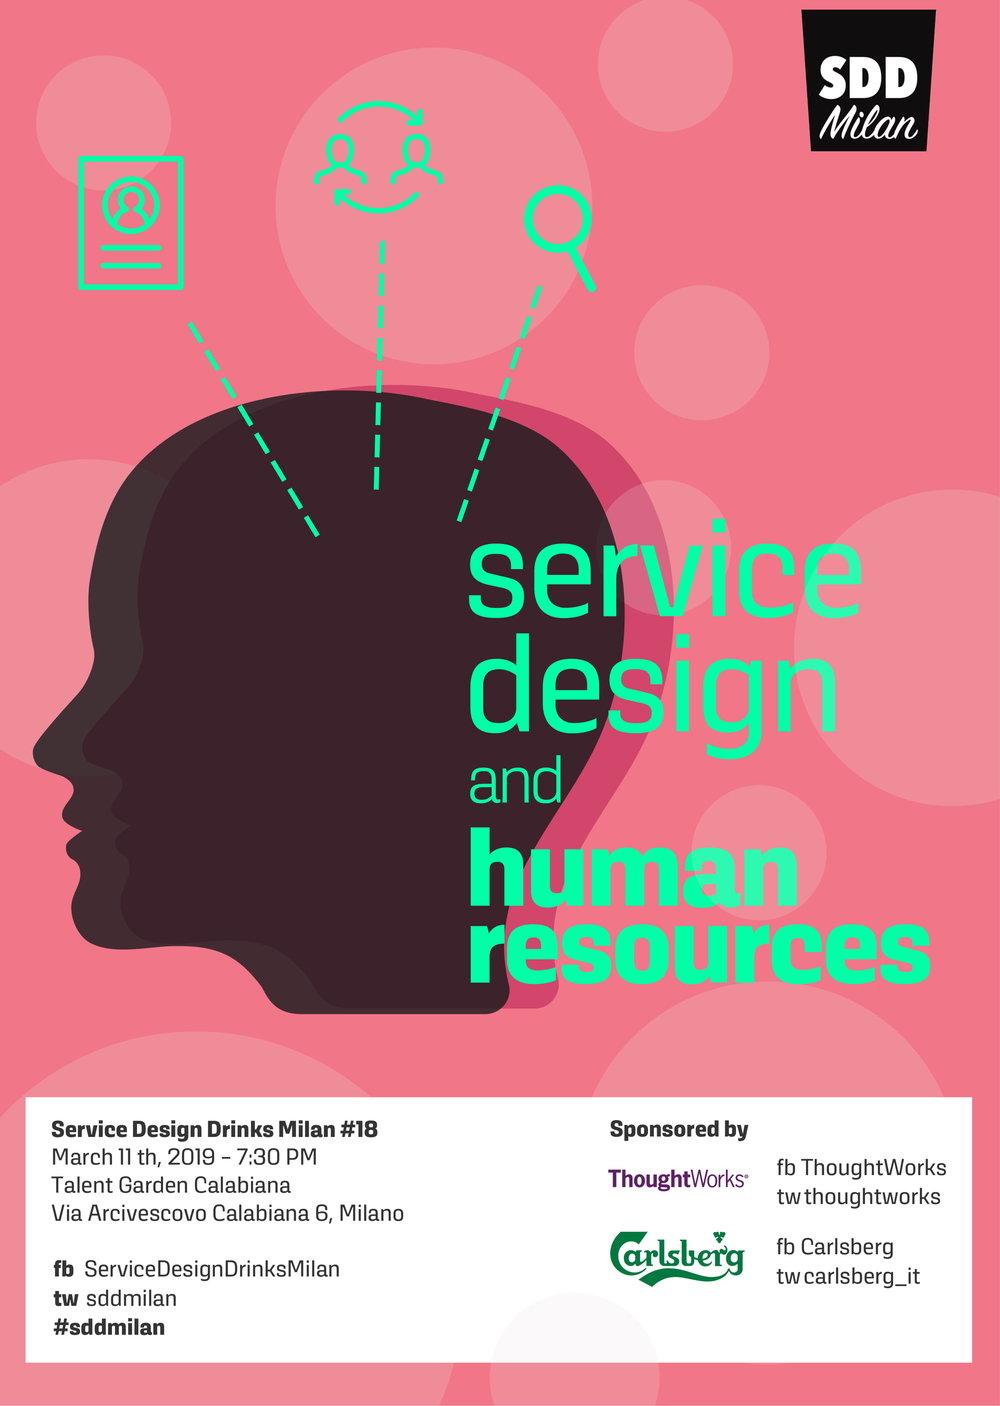 SDD_servicedesignandhumanresources-1.jpg